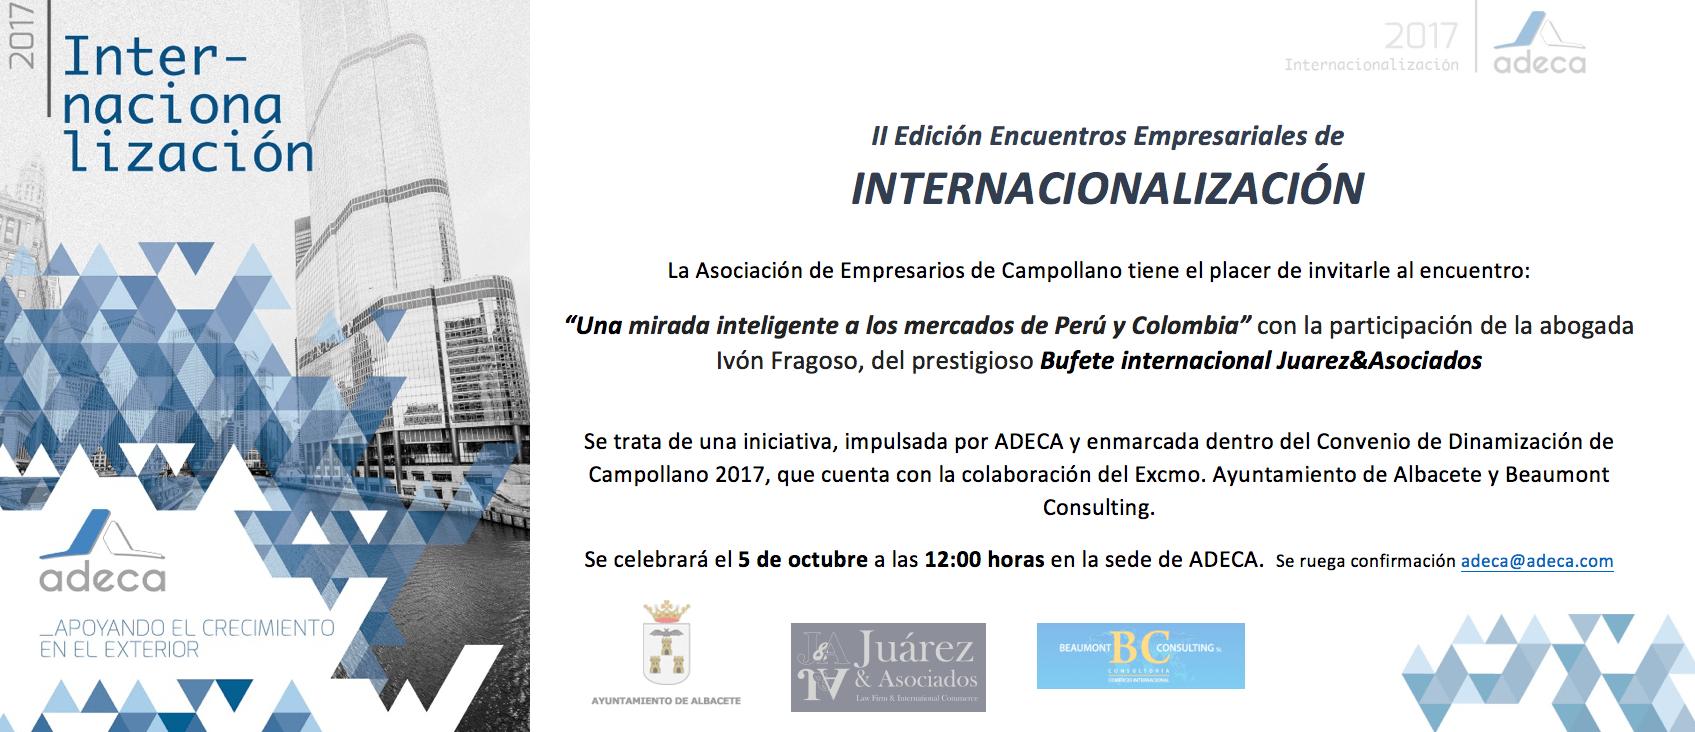 INVITACIÓN ENCUENTRO INTERNACIONALIZACIÓN 5 OCTUBRE JUAREZ Y ASOCIADOS